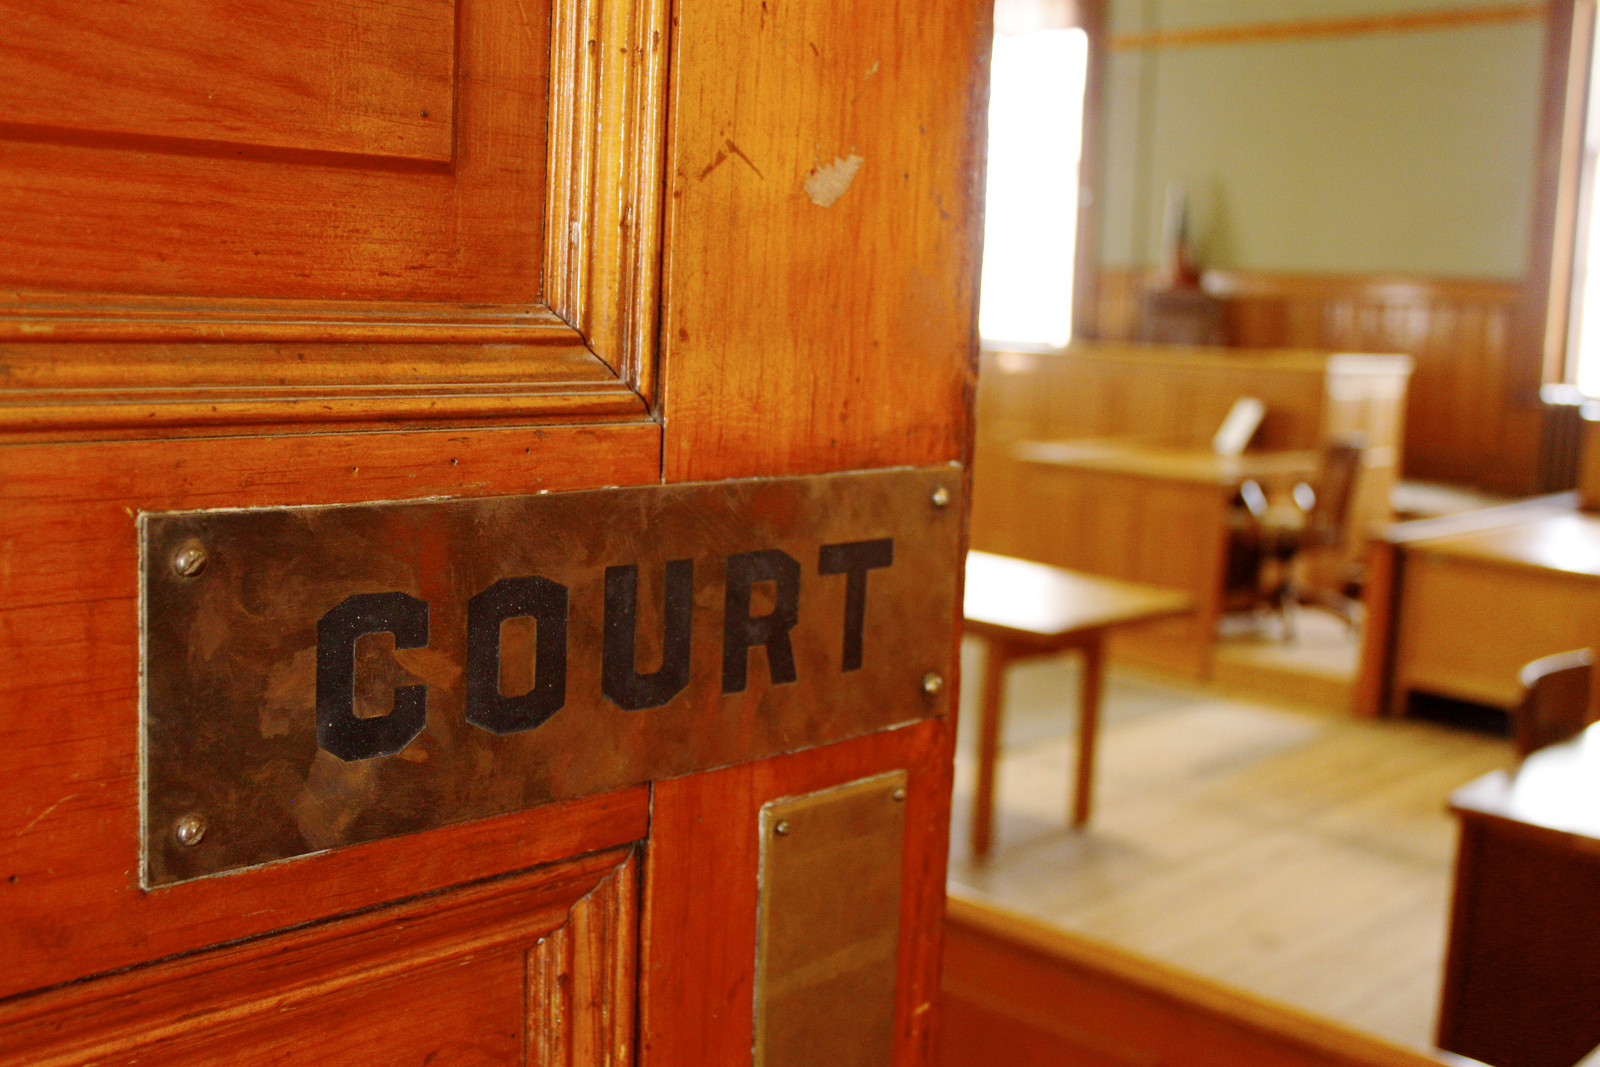 court-door